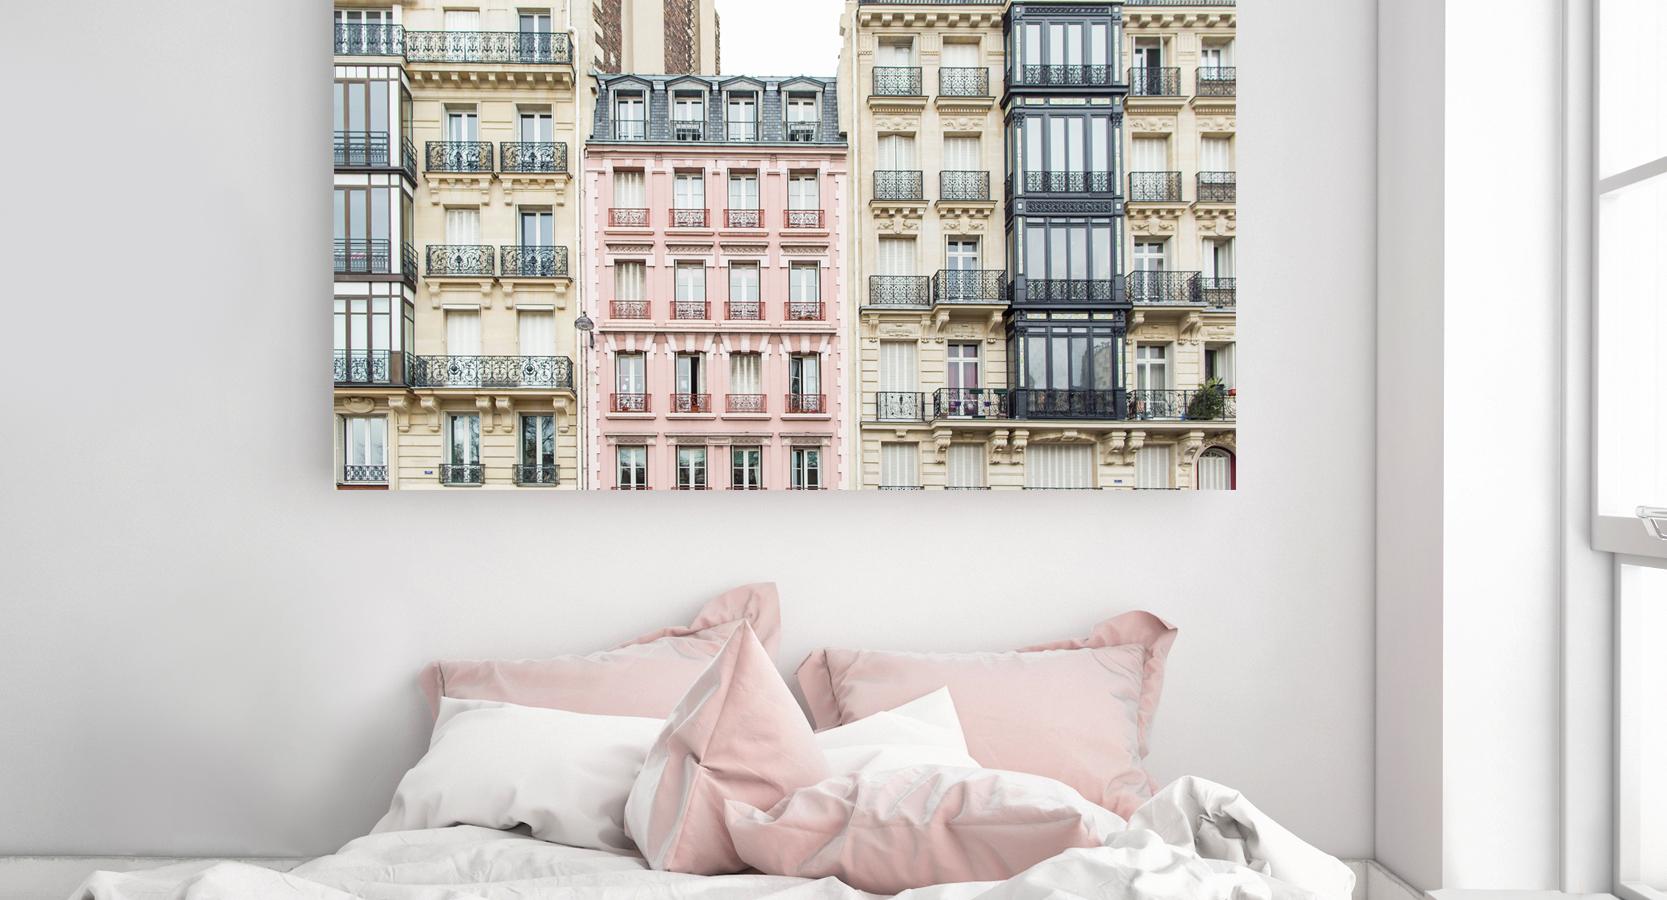 Paris Pink Apartment Building Home Decor